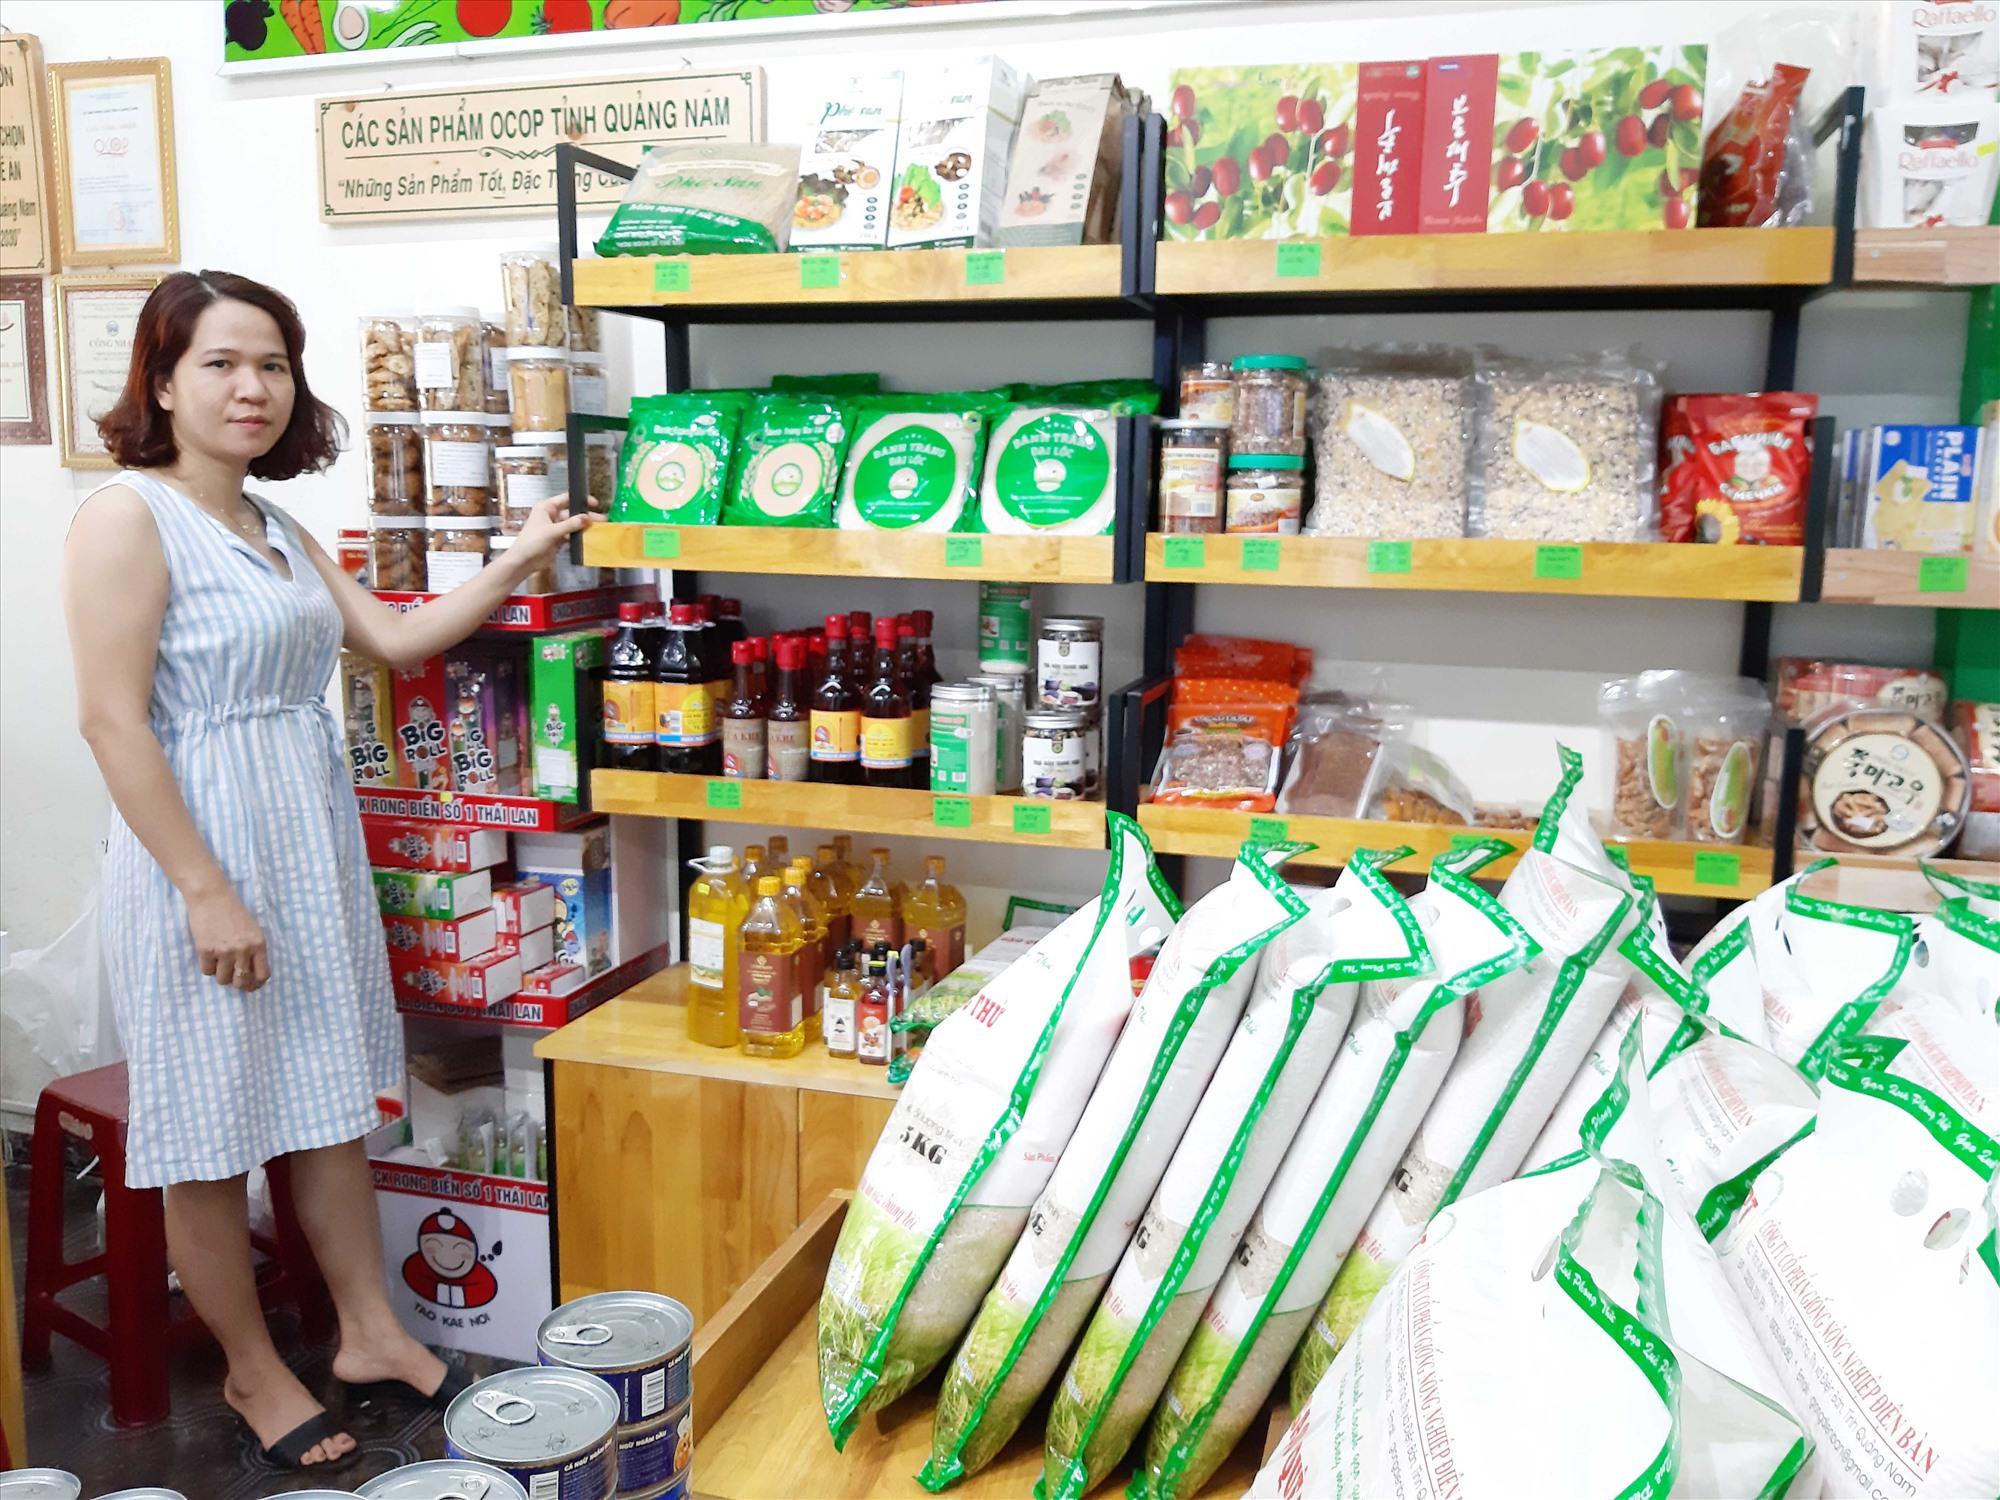 Chị Hồ Thị Bông, chủ cơ sở kinh doanh Quê Vườn bên kệ hàng OCOP. Ảnh: L.H